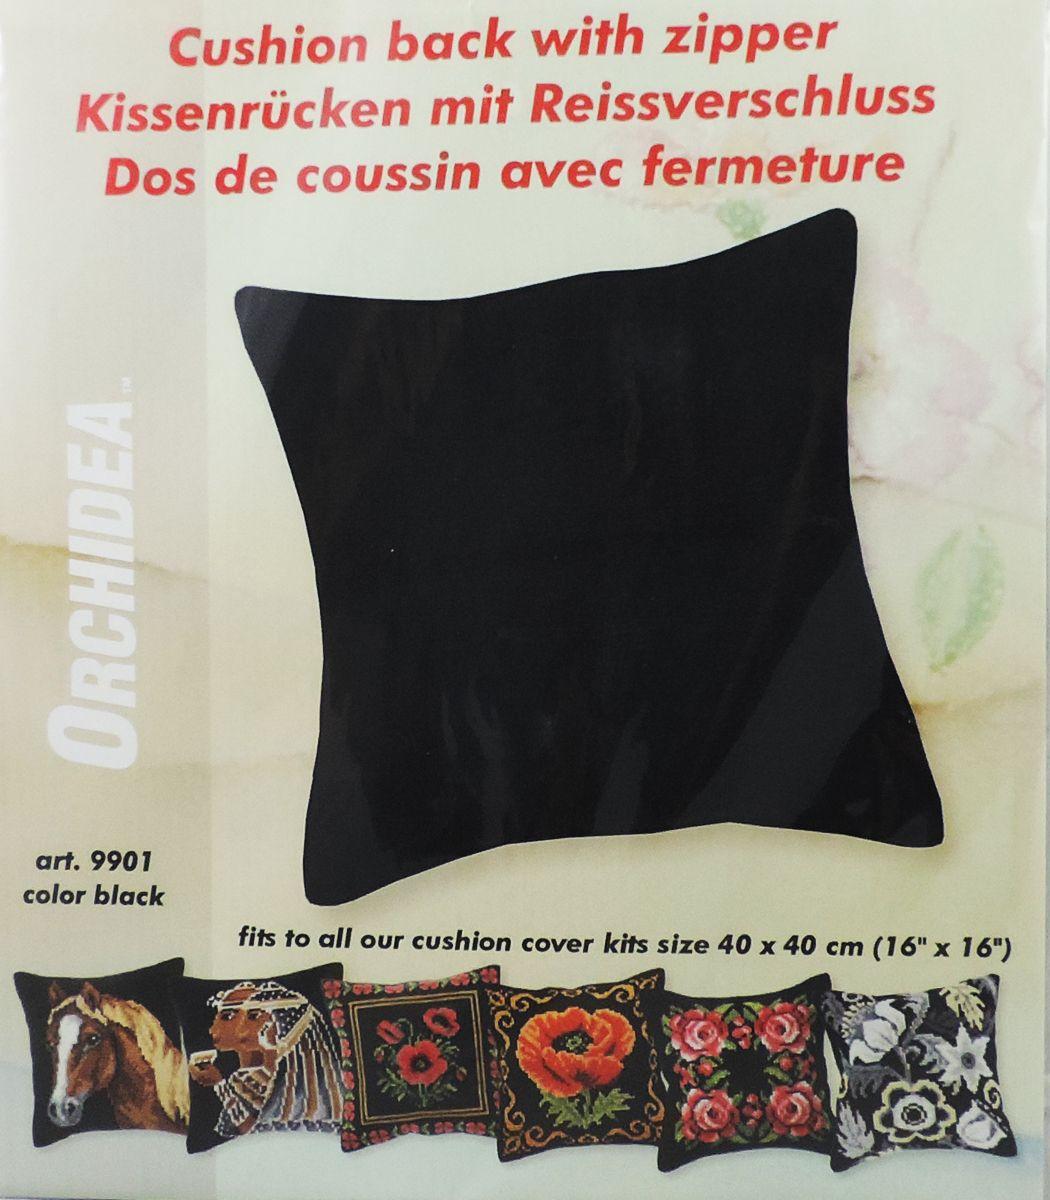 Обратная сторона подушки Orchidea, 45 х 45 см, цвет: черный. 9901106-029Обратная сторона подушки с уже вшитой молнией. Идеальна для подушек размером 40х40 см. В центре вшит замок-молния, вам останется только пришить ее к декоративной части подушки. Состав: 100% хлопок